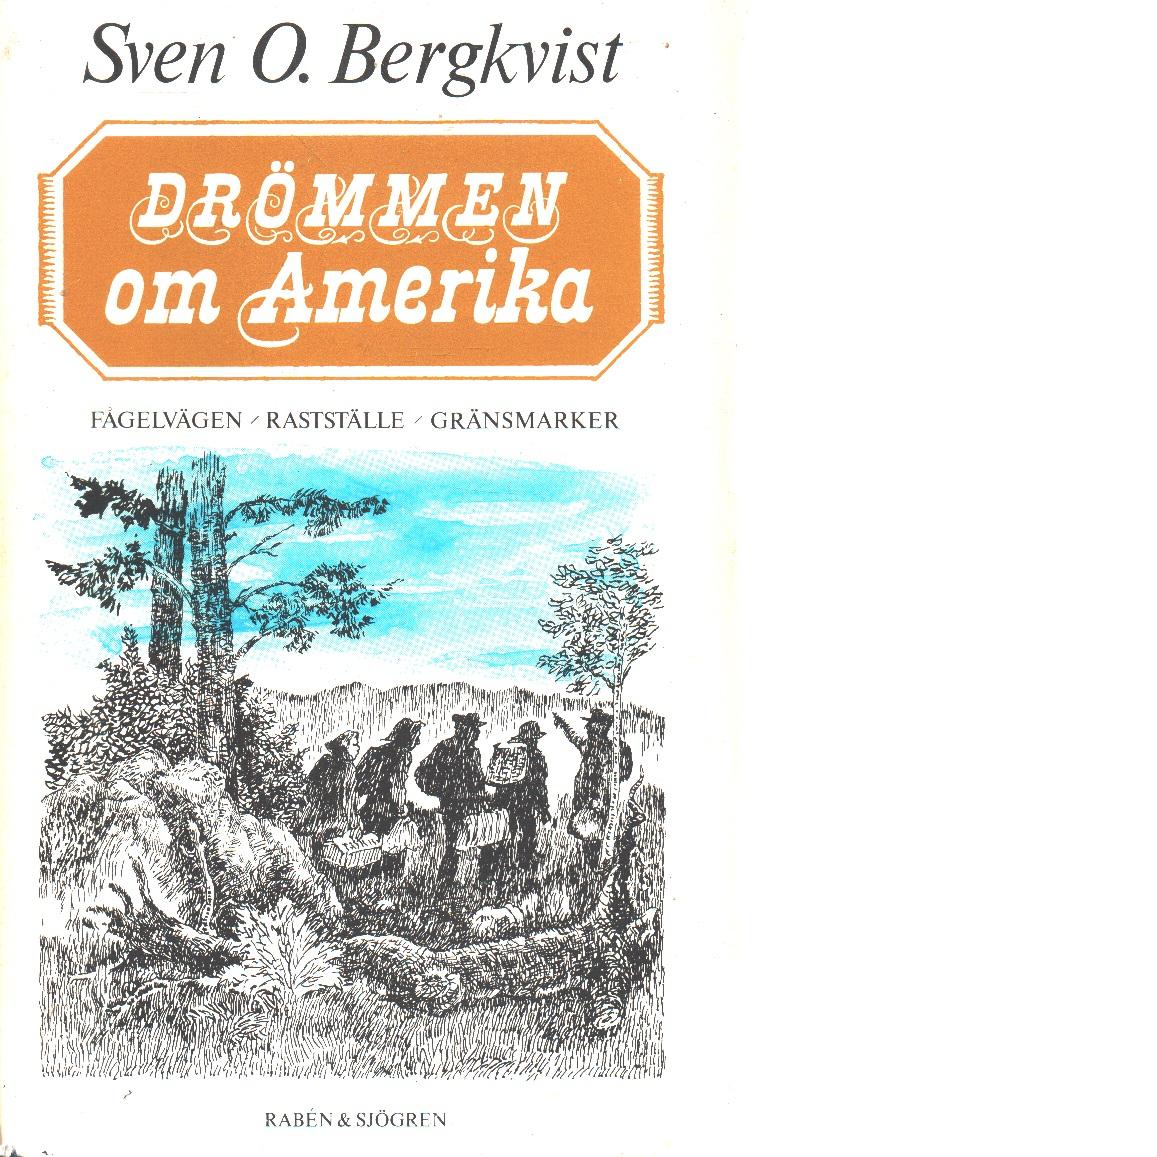 Drömmen om Amerika - Trilogi :Fågelvägen/Rastställe/Gränsmarker - Bergkvist, Sven O.